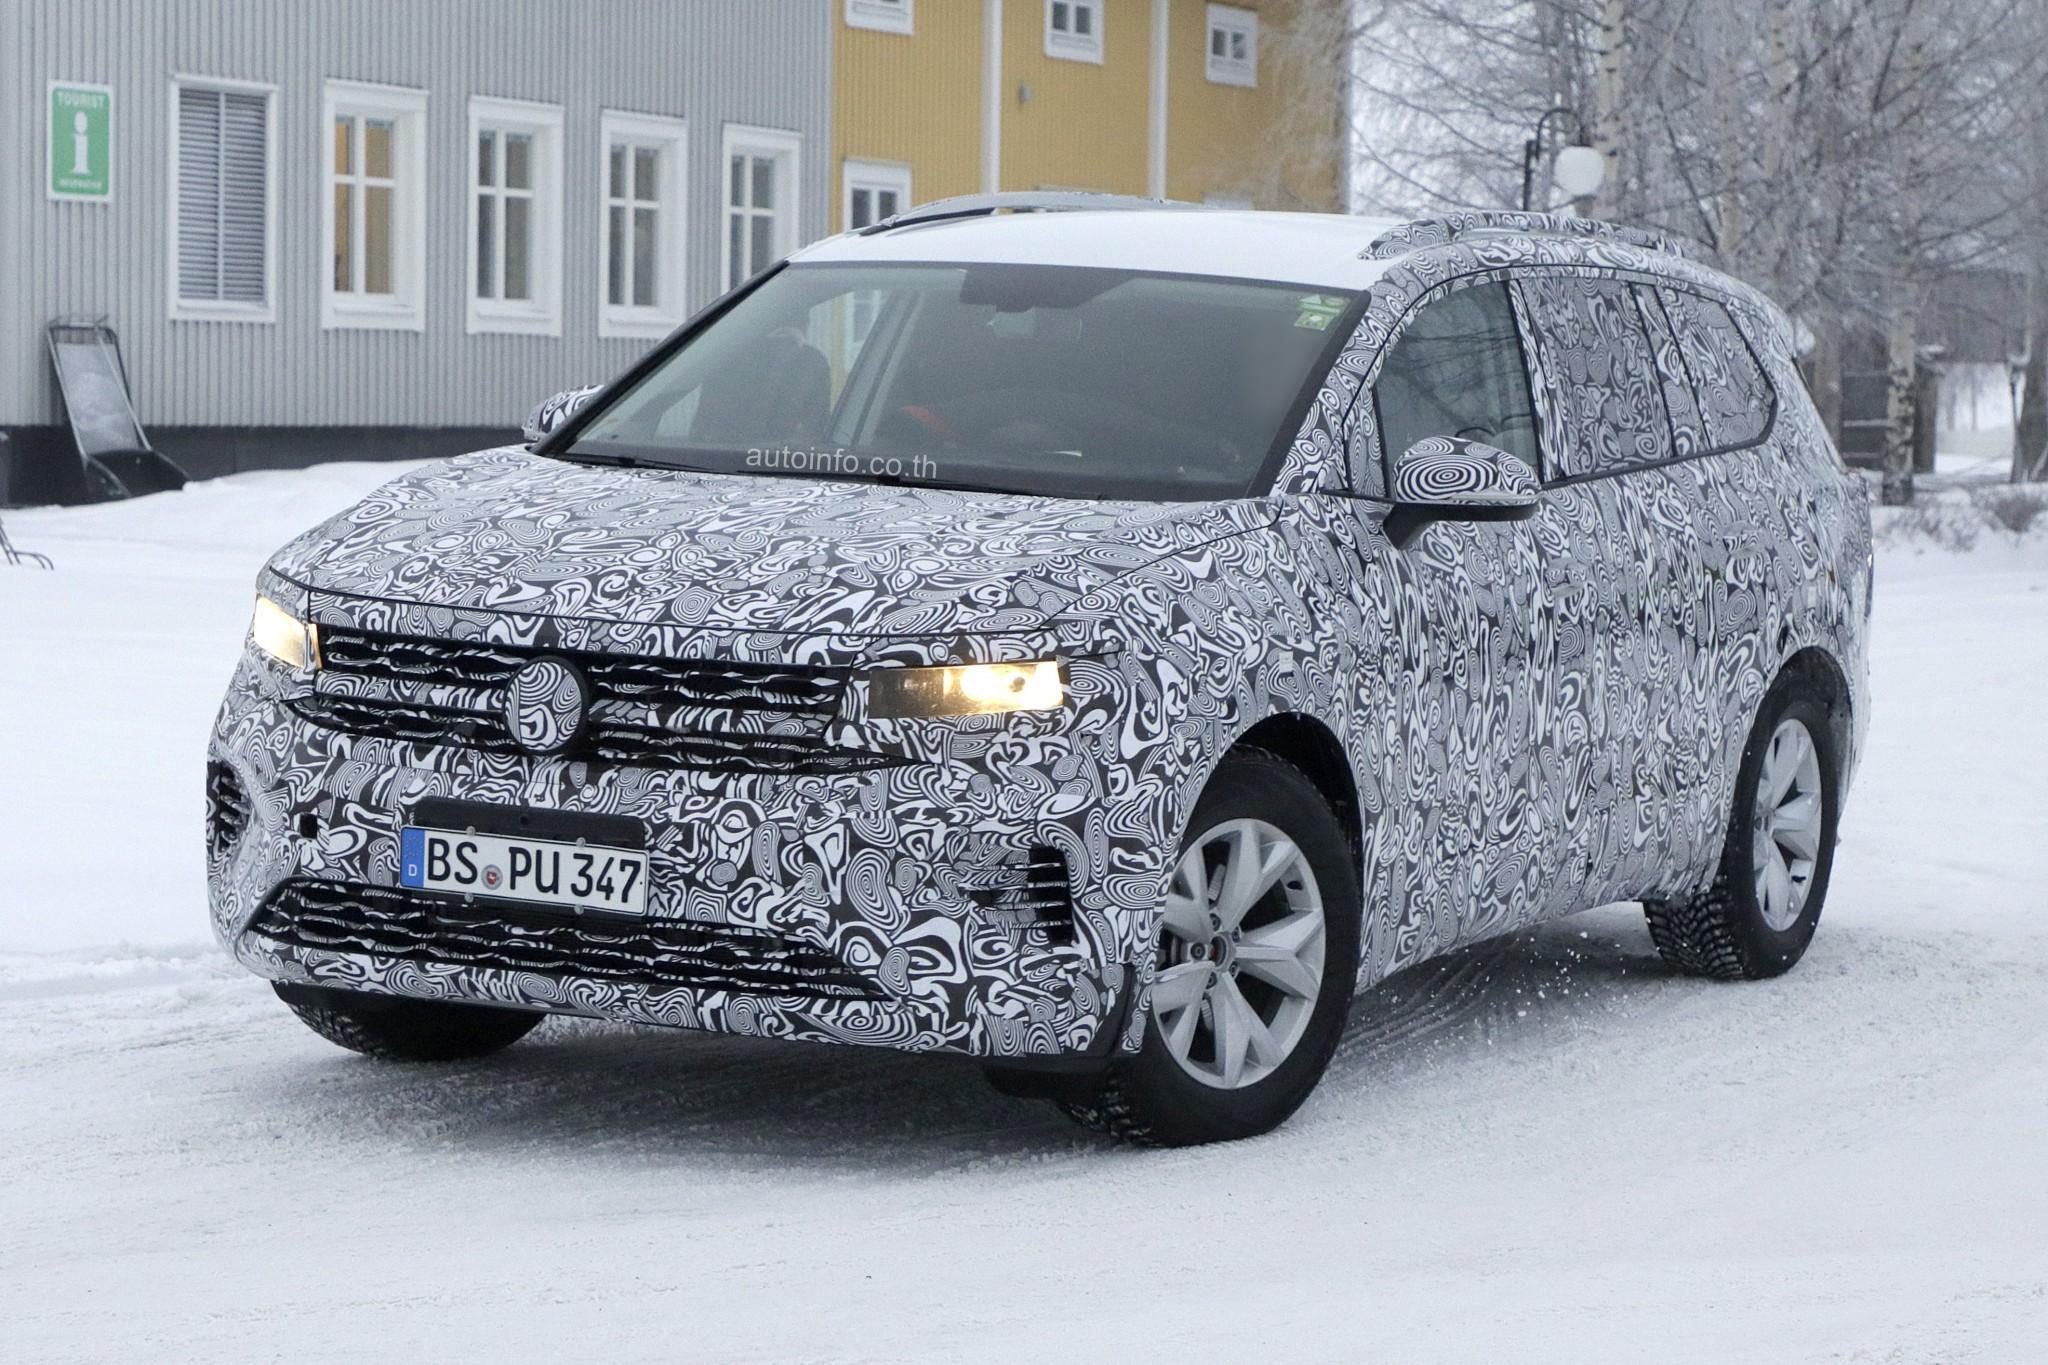 w VW SMV 004